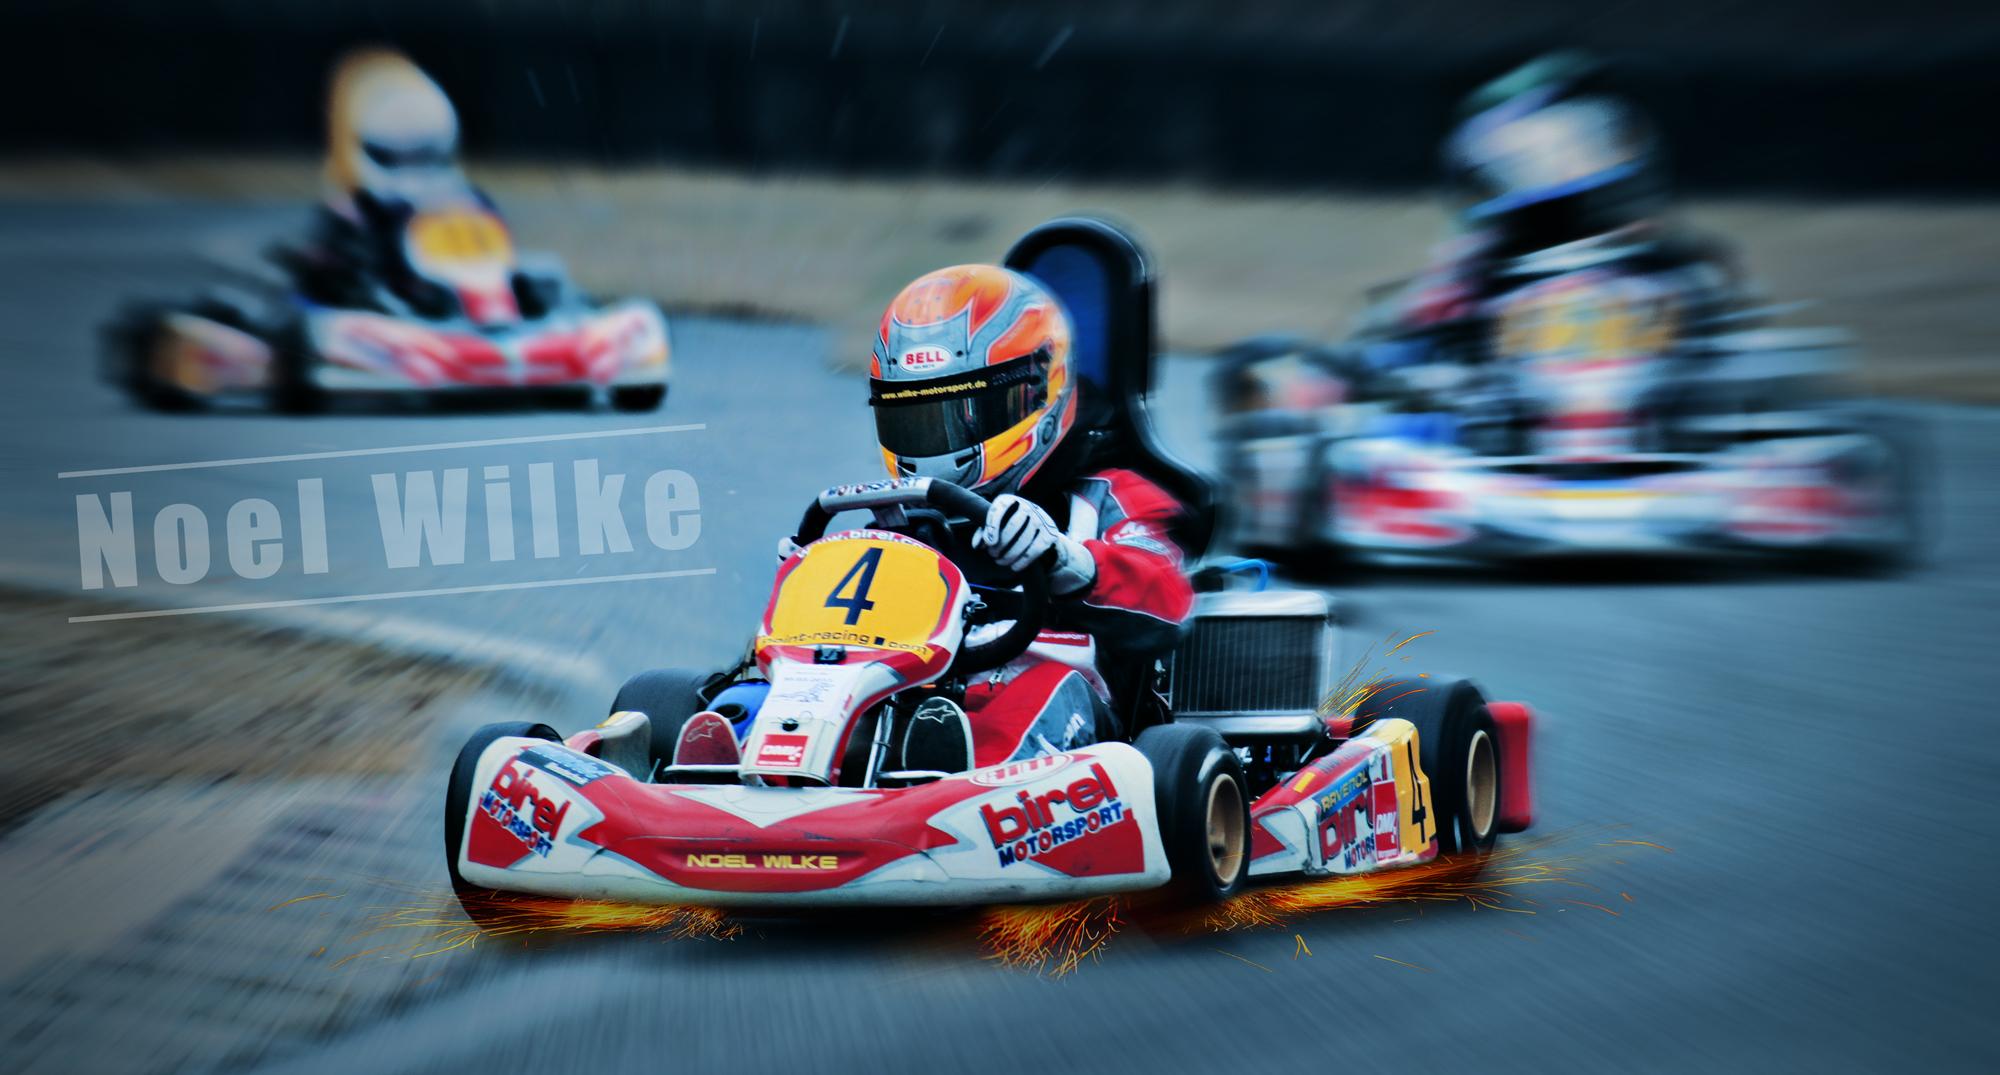 Noel Wilke racer